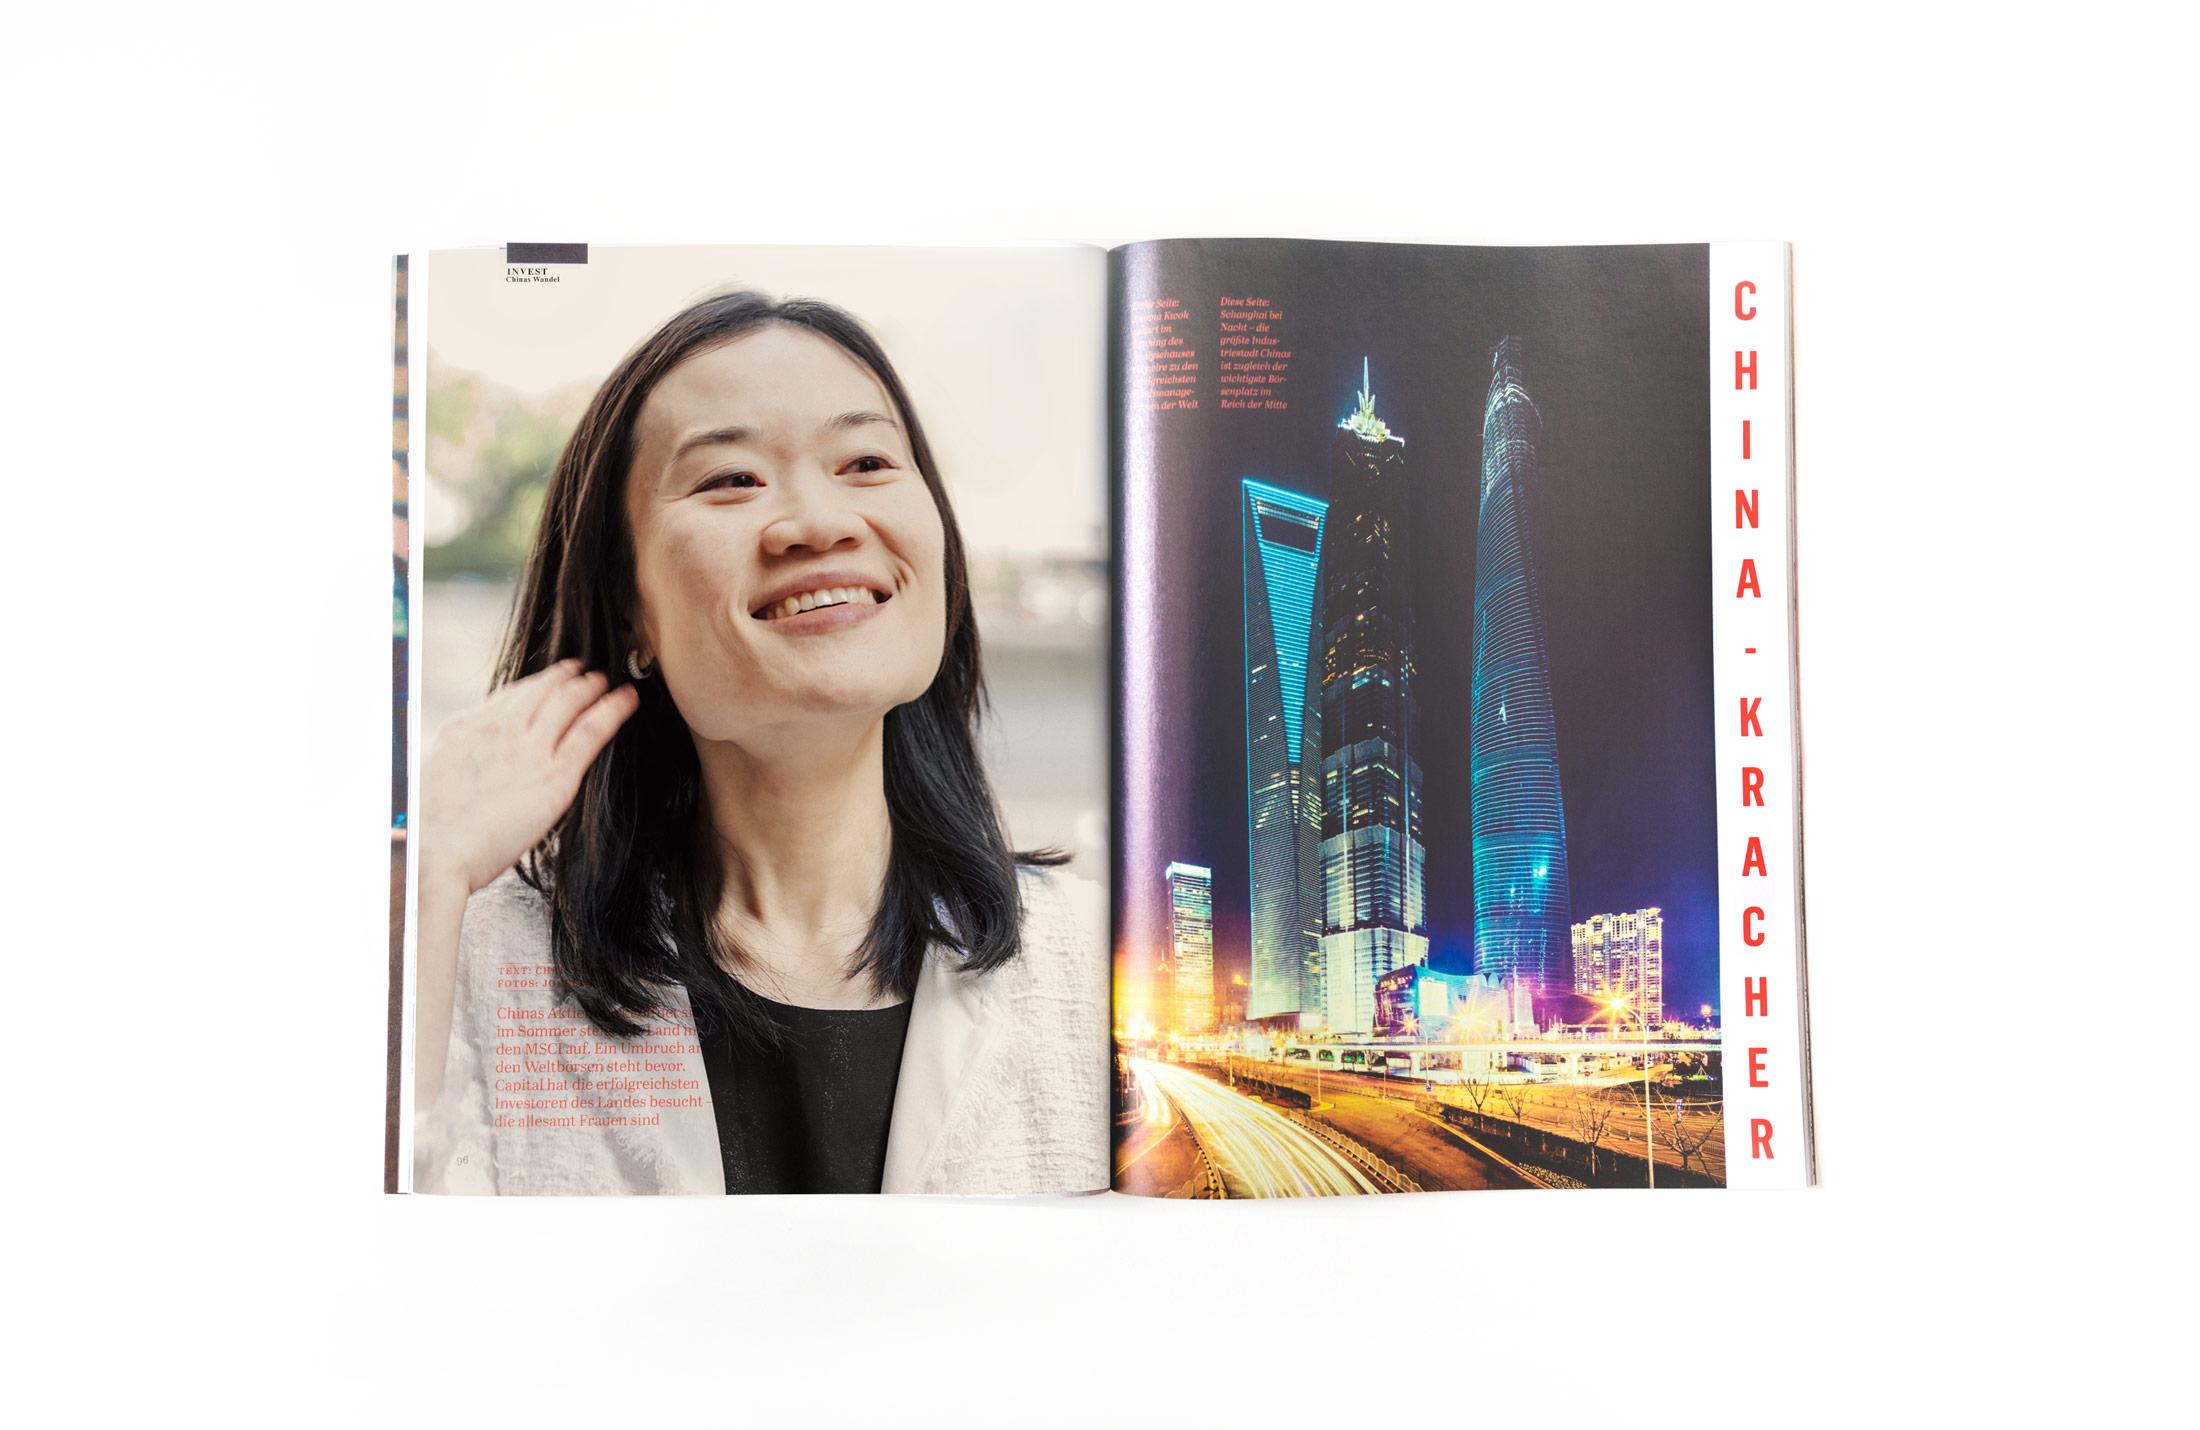 CapitalMagazine-002.jpg